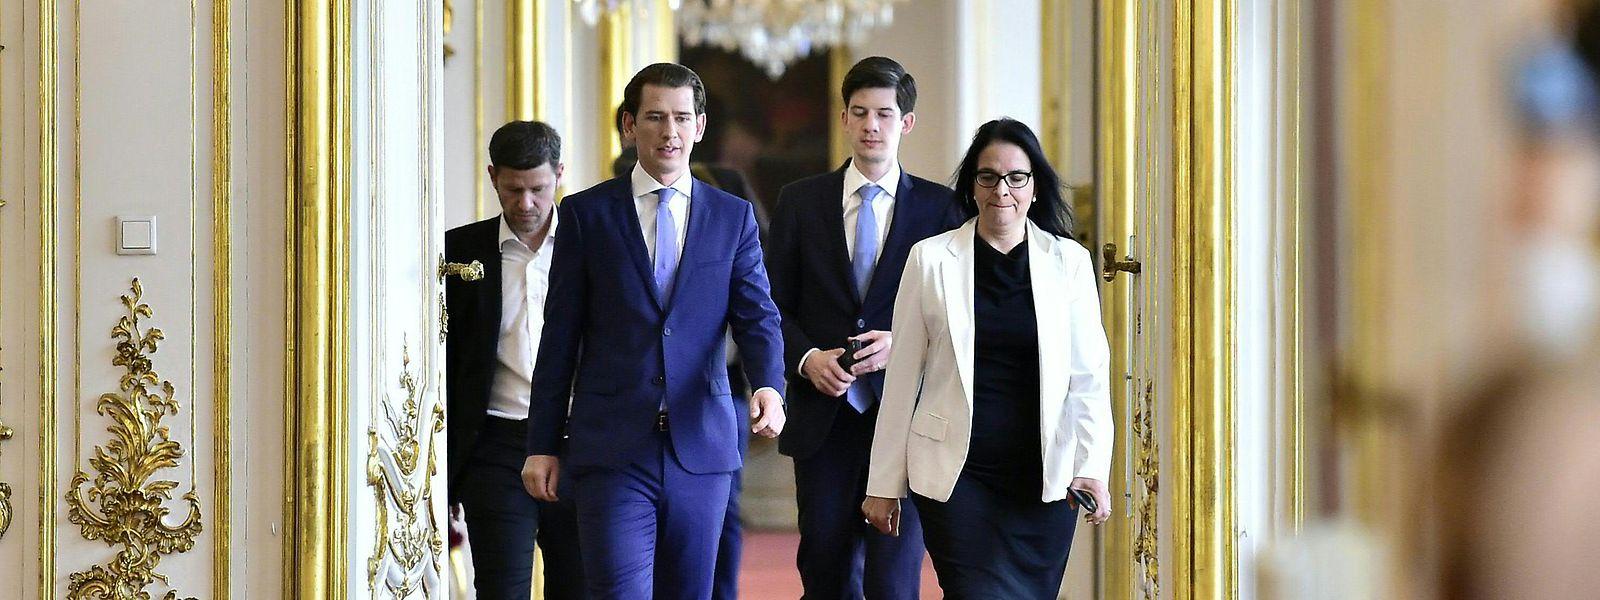 Wien: Sebastian Kurz (2.v.l), Bundeskanzler von Österreich, auf dem Weg zu einem Gespräch mit Bundespräsident Van der Bellen in der Präsidentschaftskanzlei.